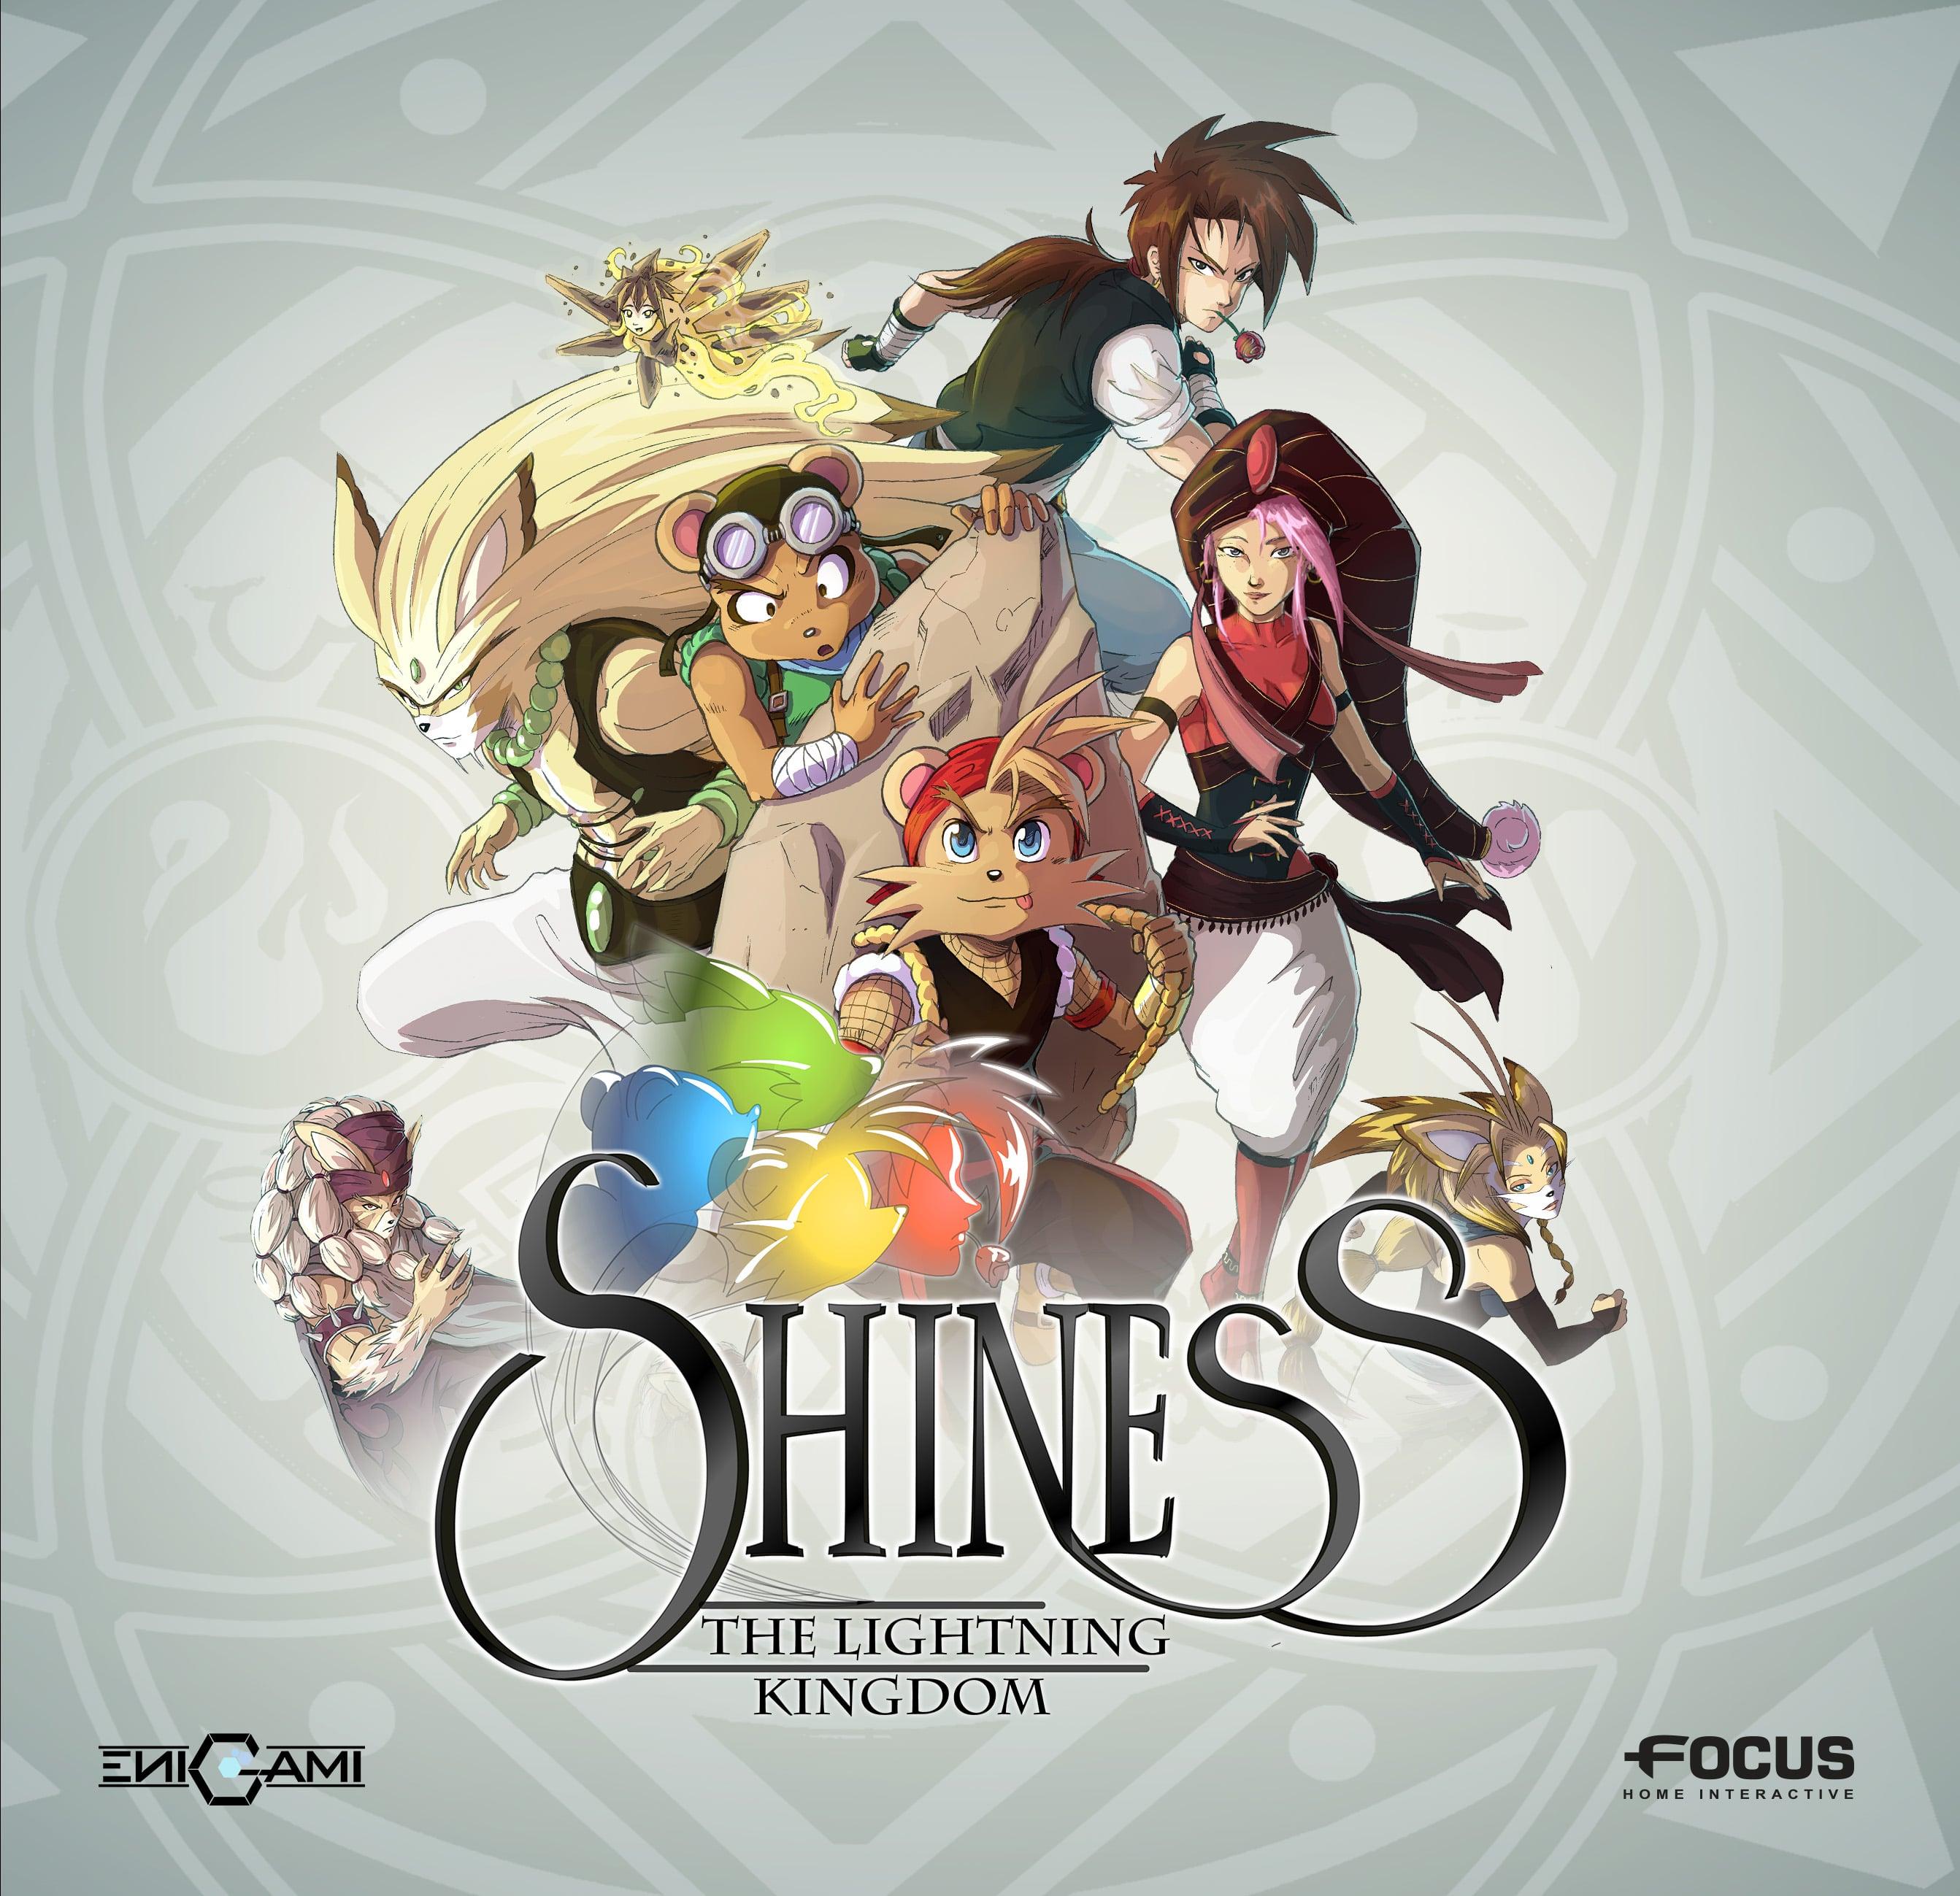 Bild von Gamescom 2015: Shiness – Ein Spiel mit Leidenschaft